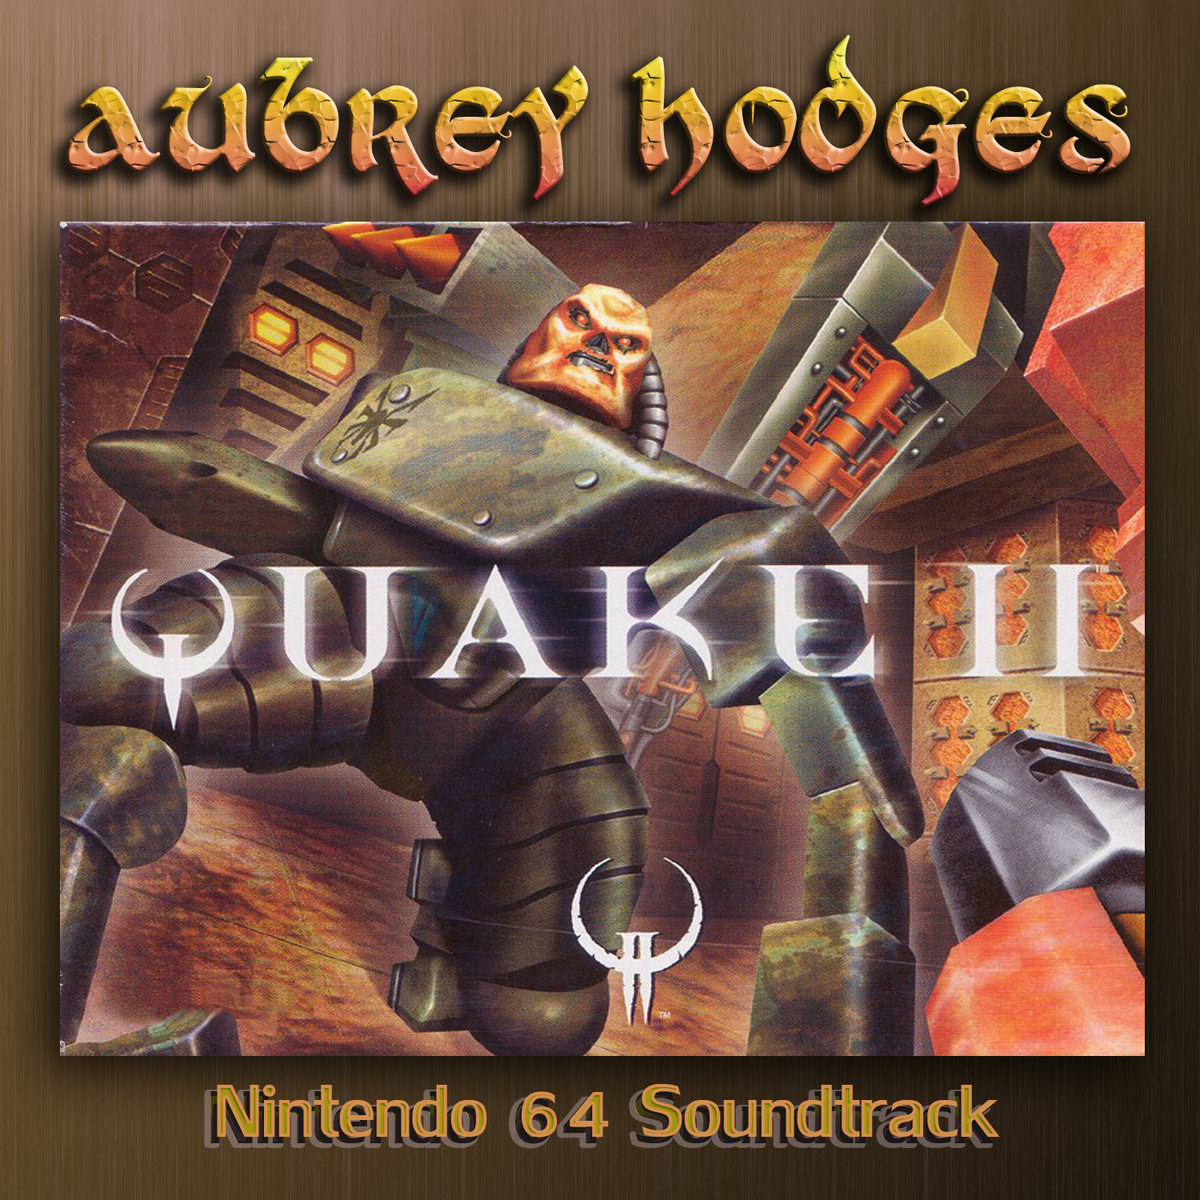 Quake 2 - Nintendo 64: Official Soundtrack | Aubrey Hodges